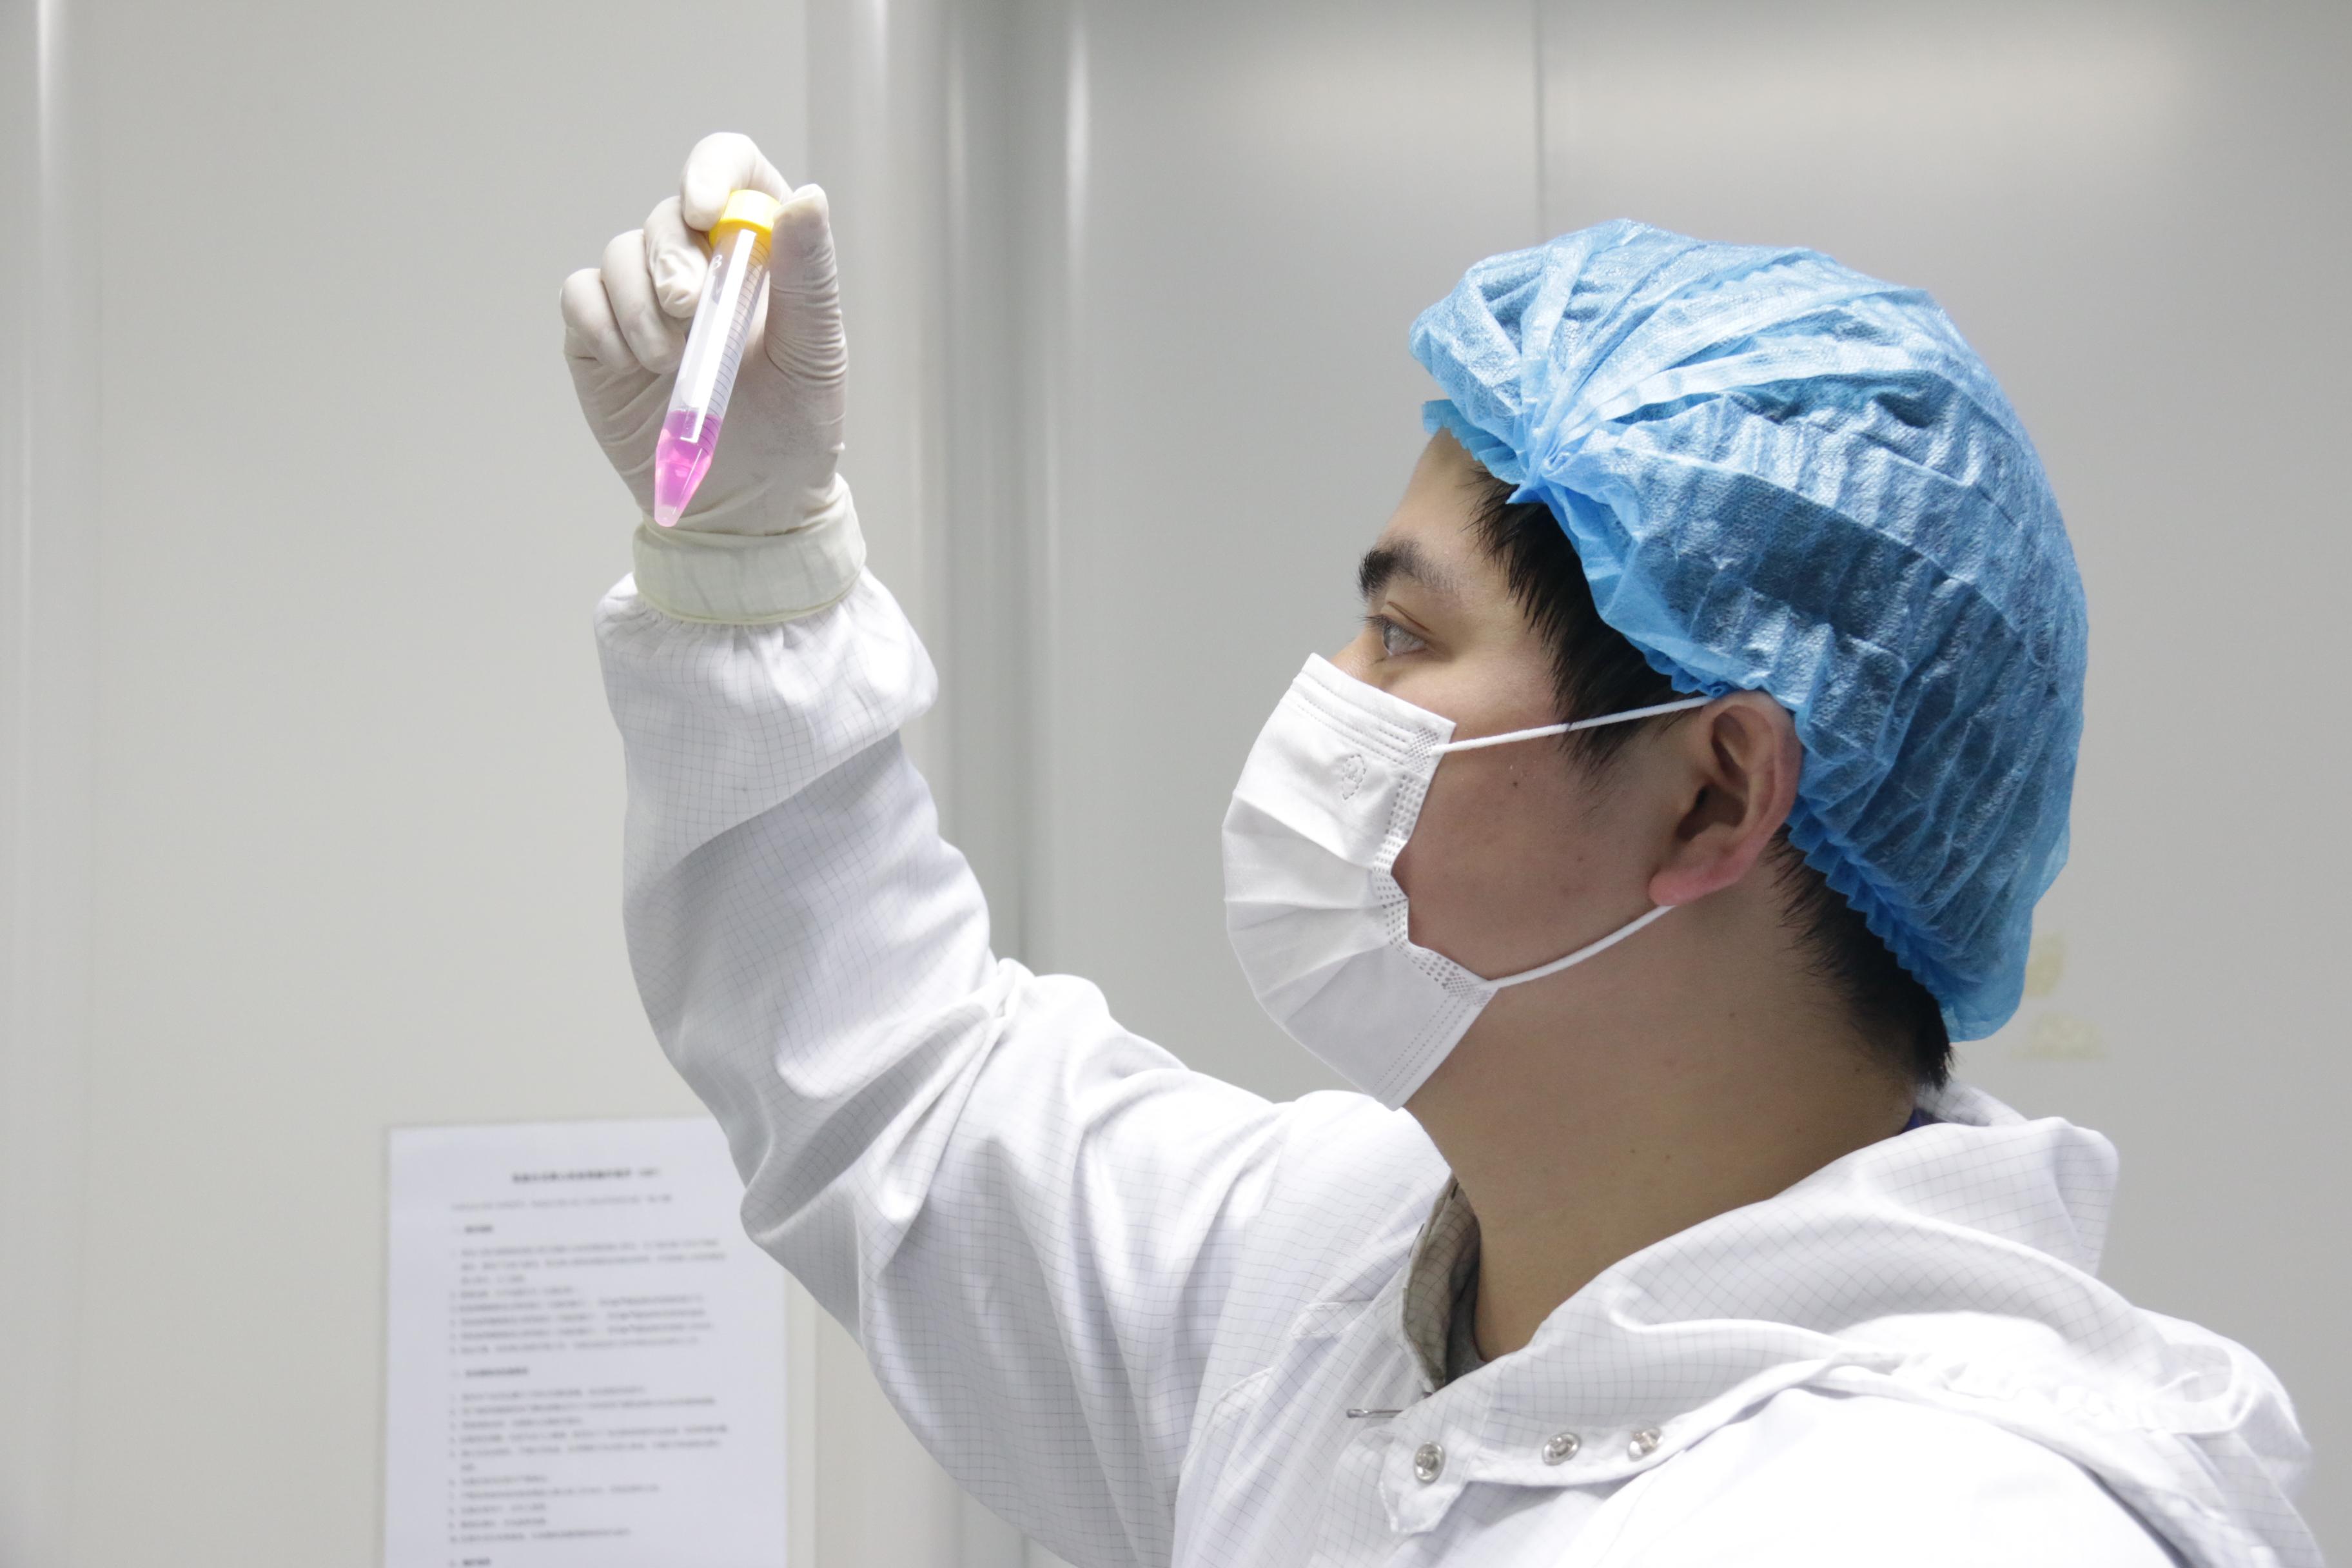 原代细胞培养,现金优惠高达4500元